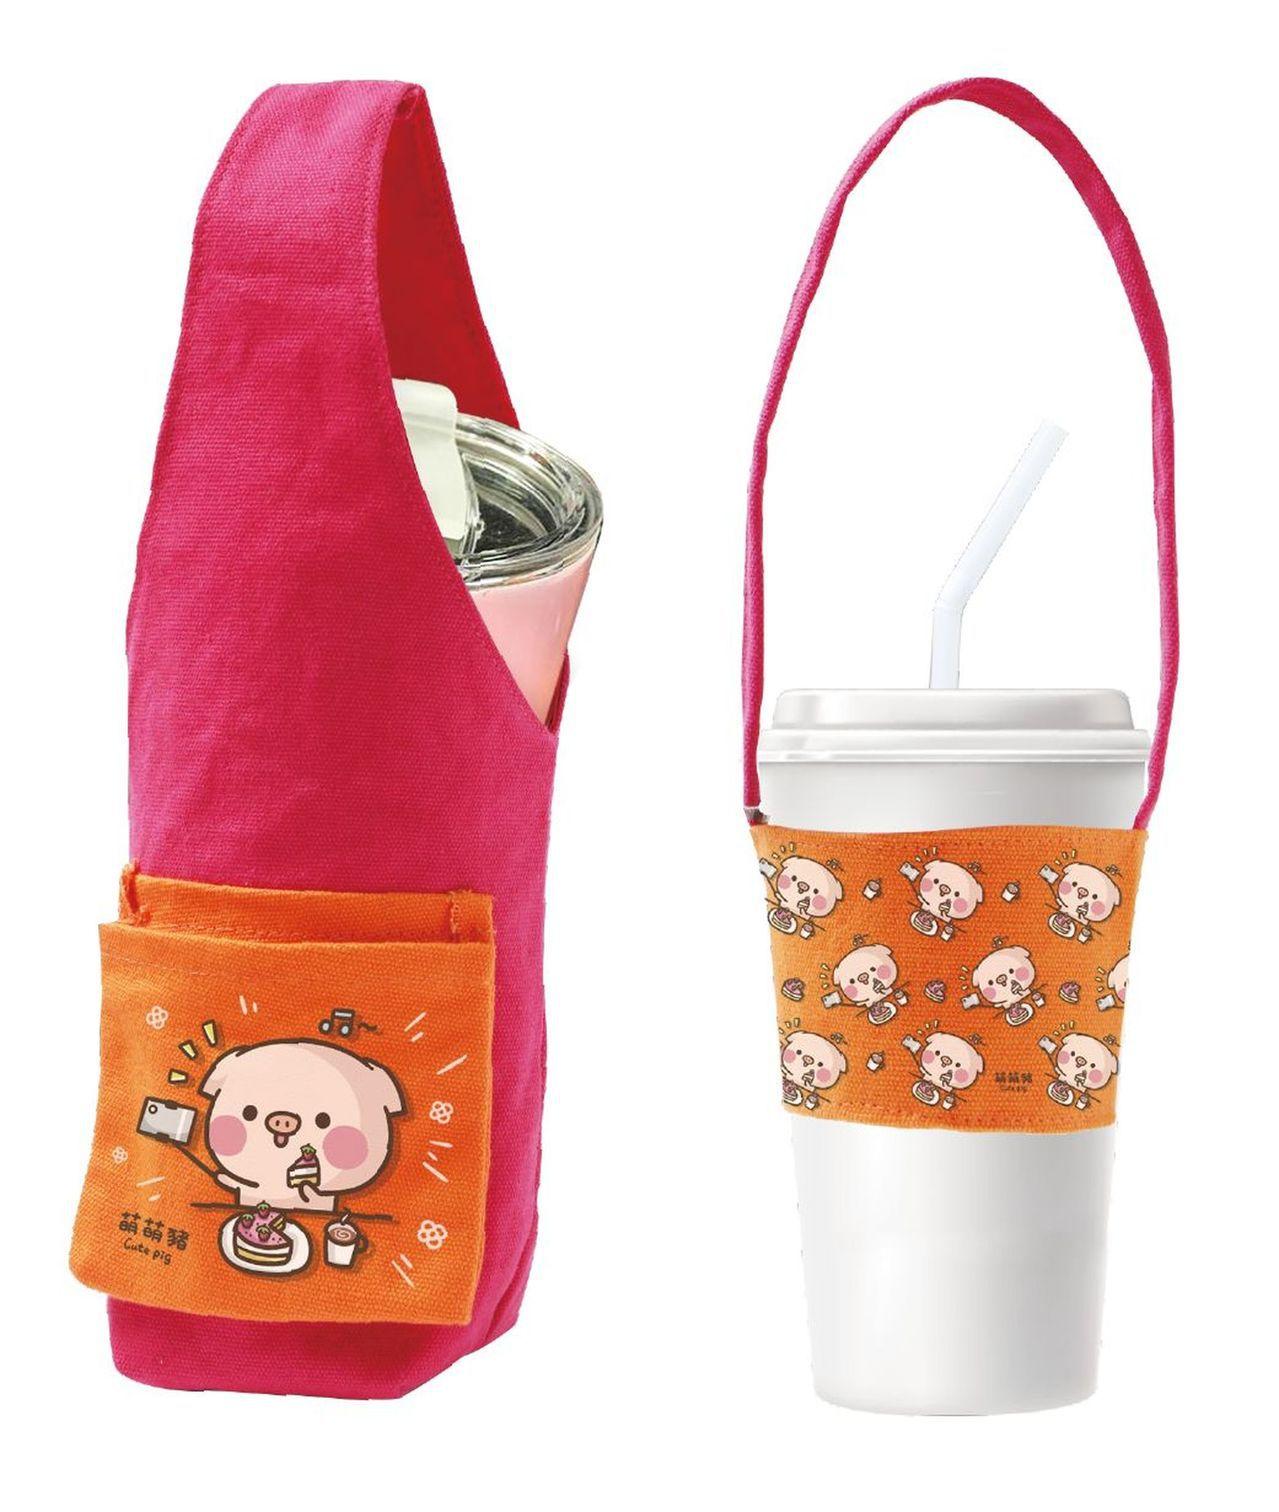 義大購物廣場消費滿額禮,特推萌萌豬飲料提袋,療癒又實用。